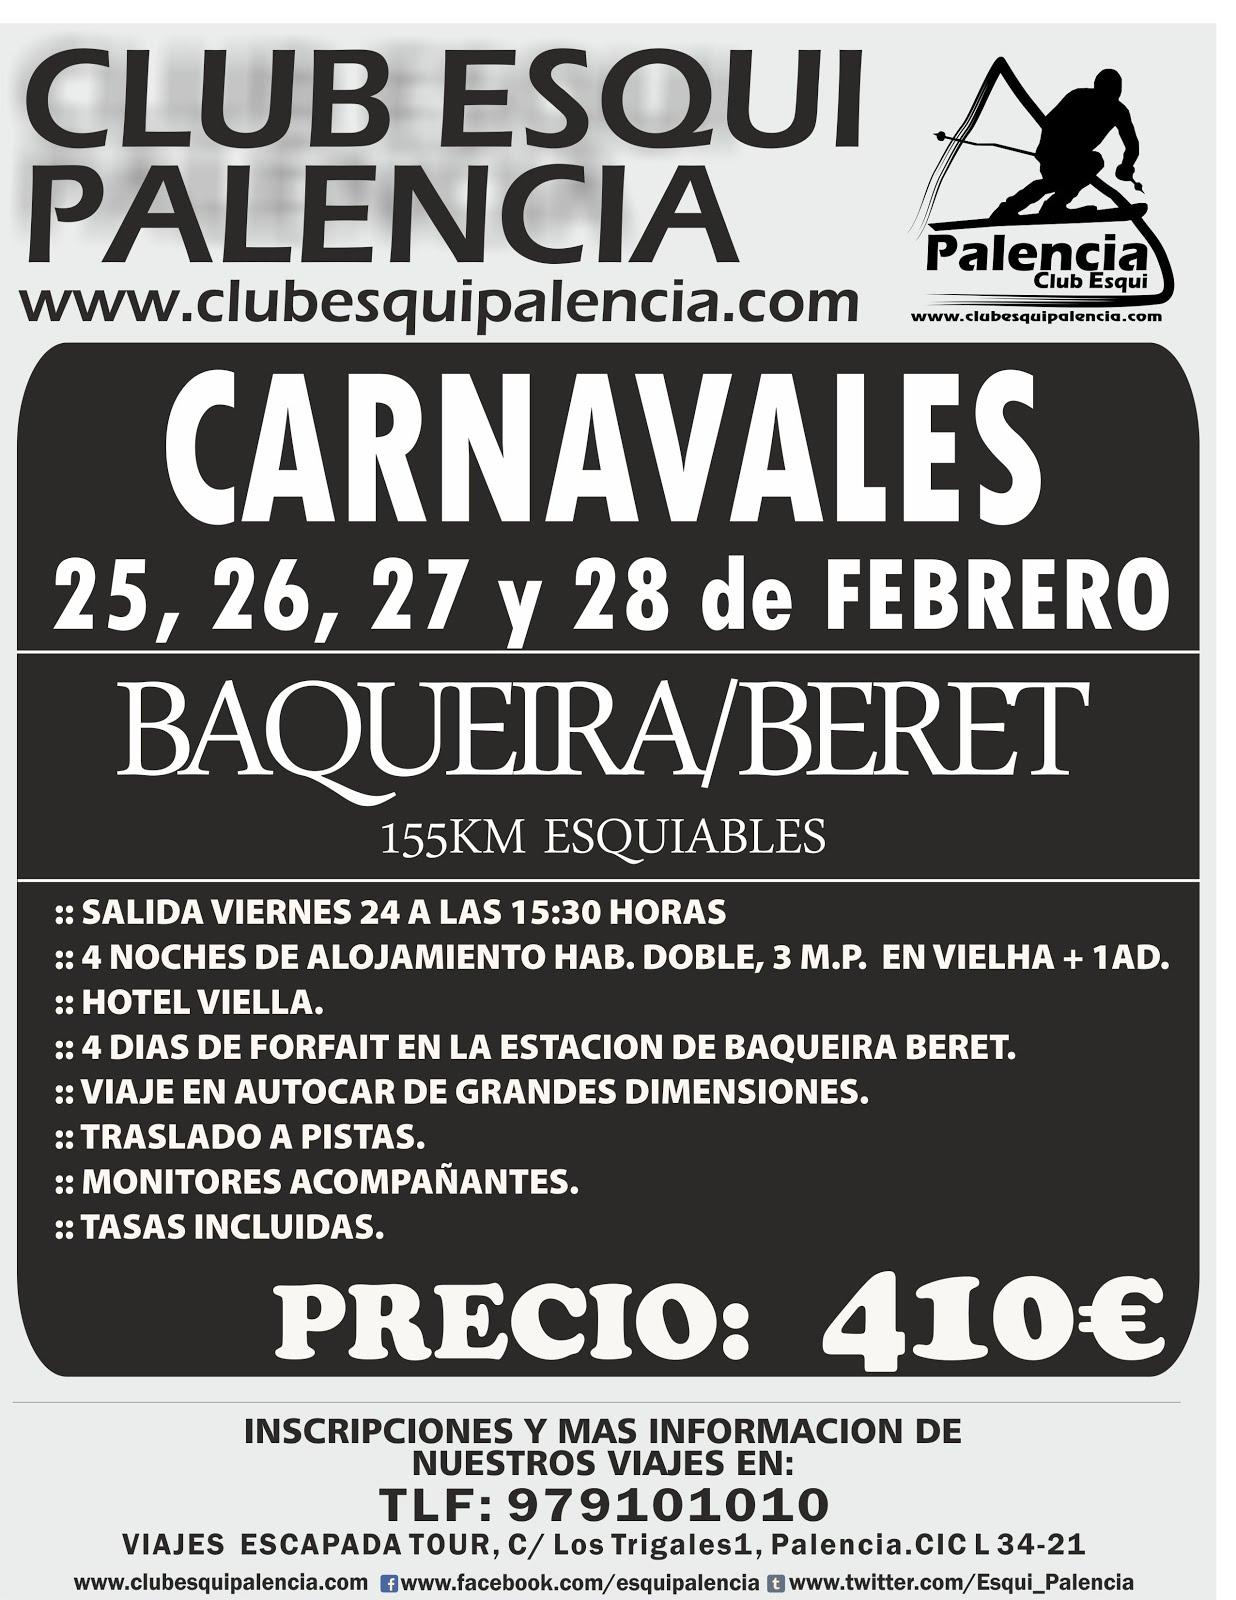 Carnavales - Baqueira